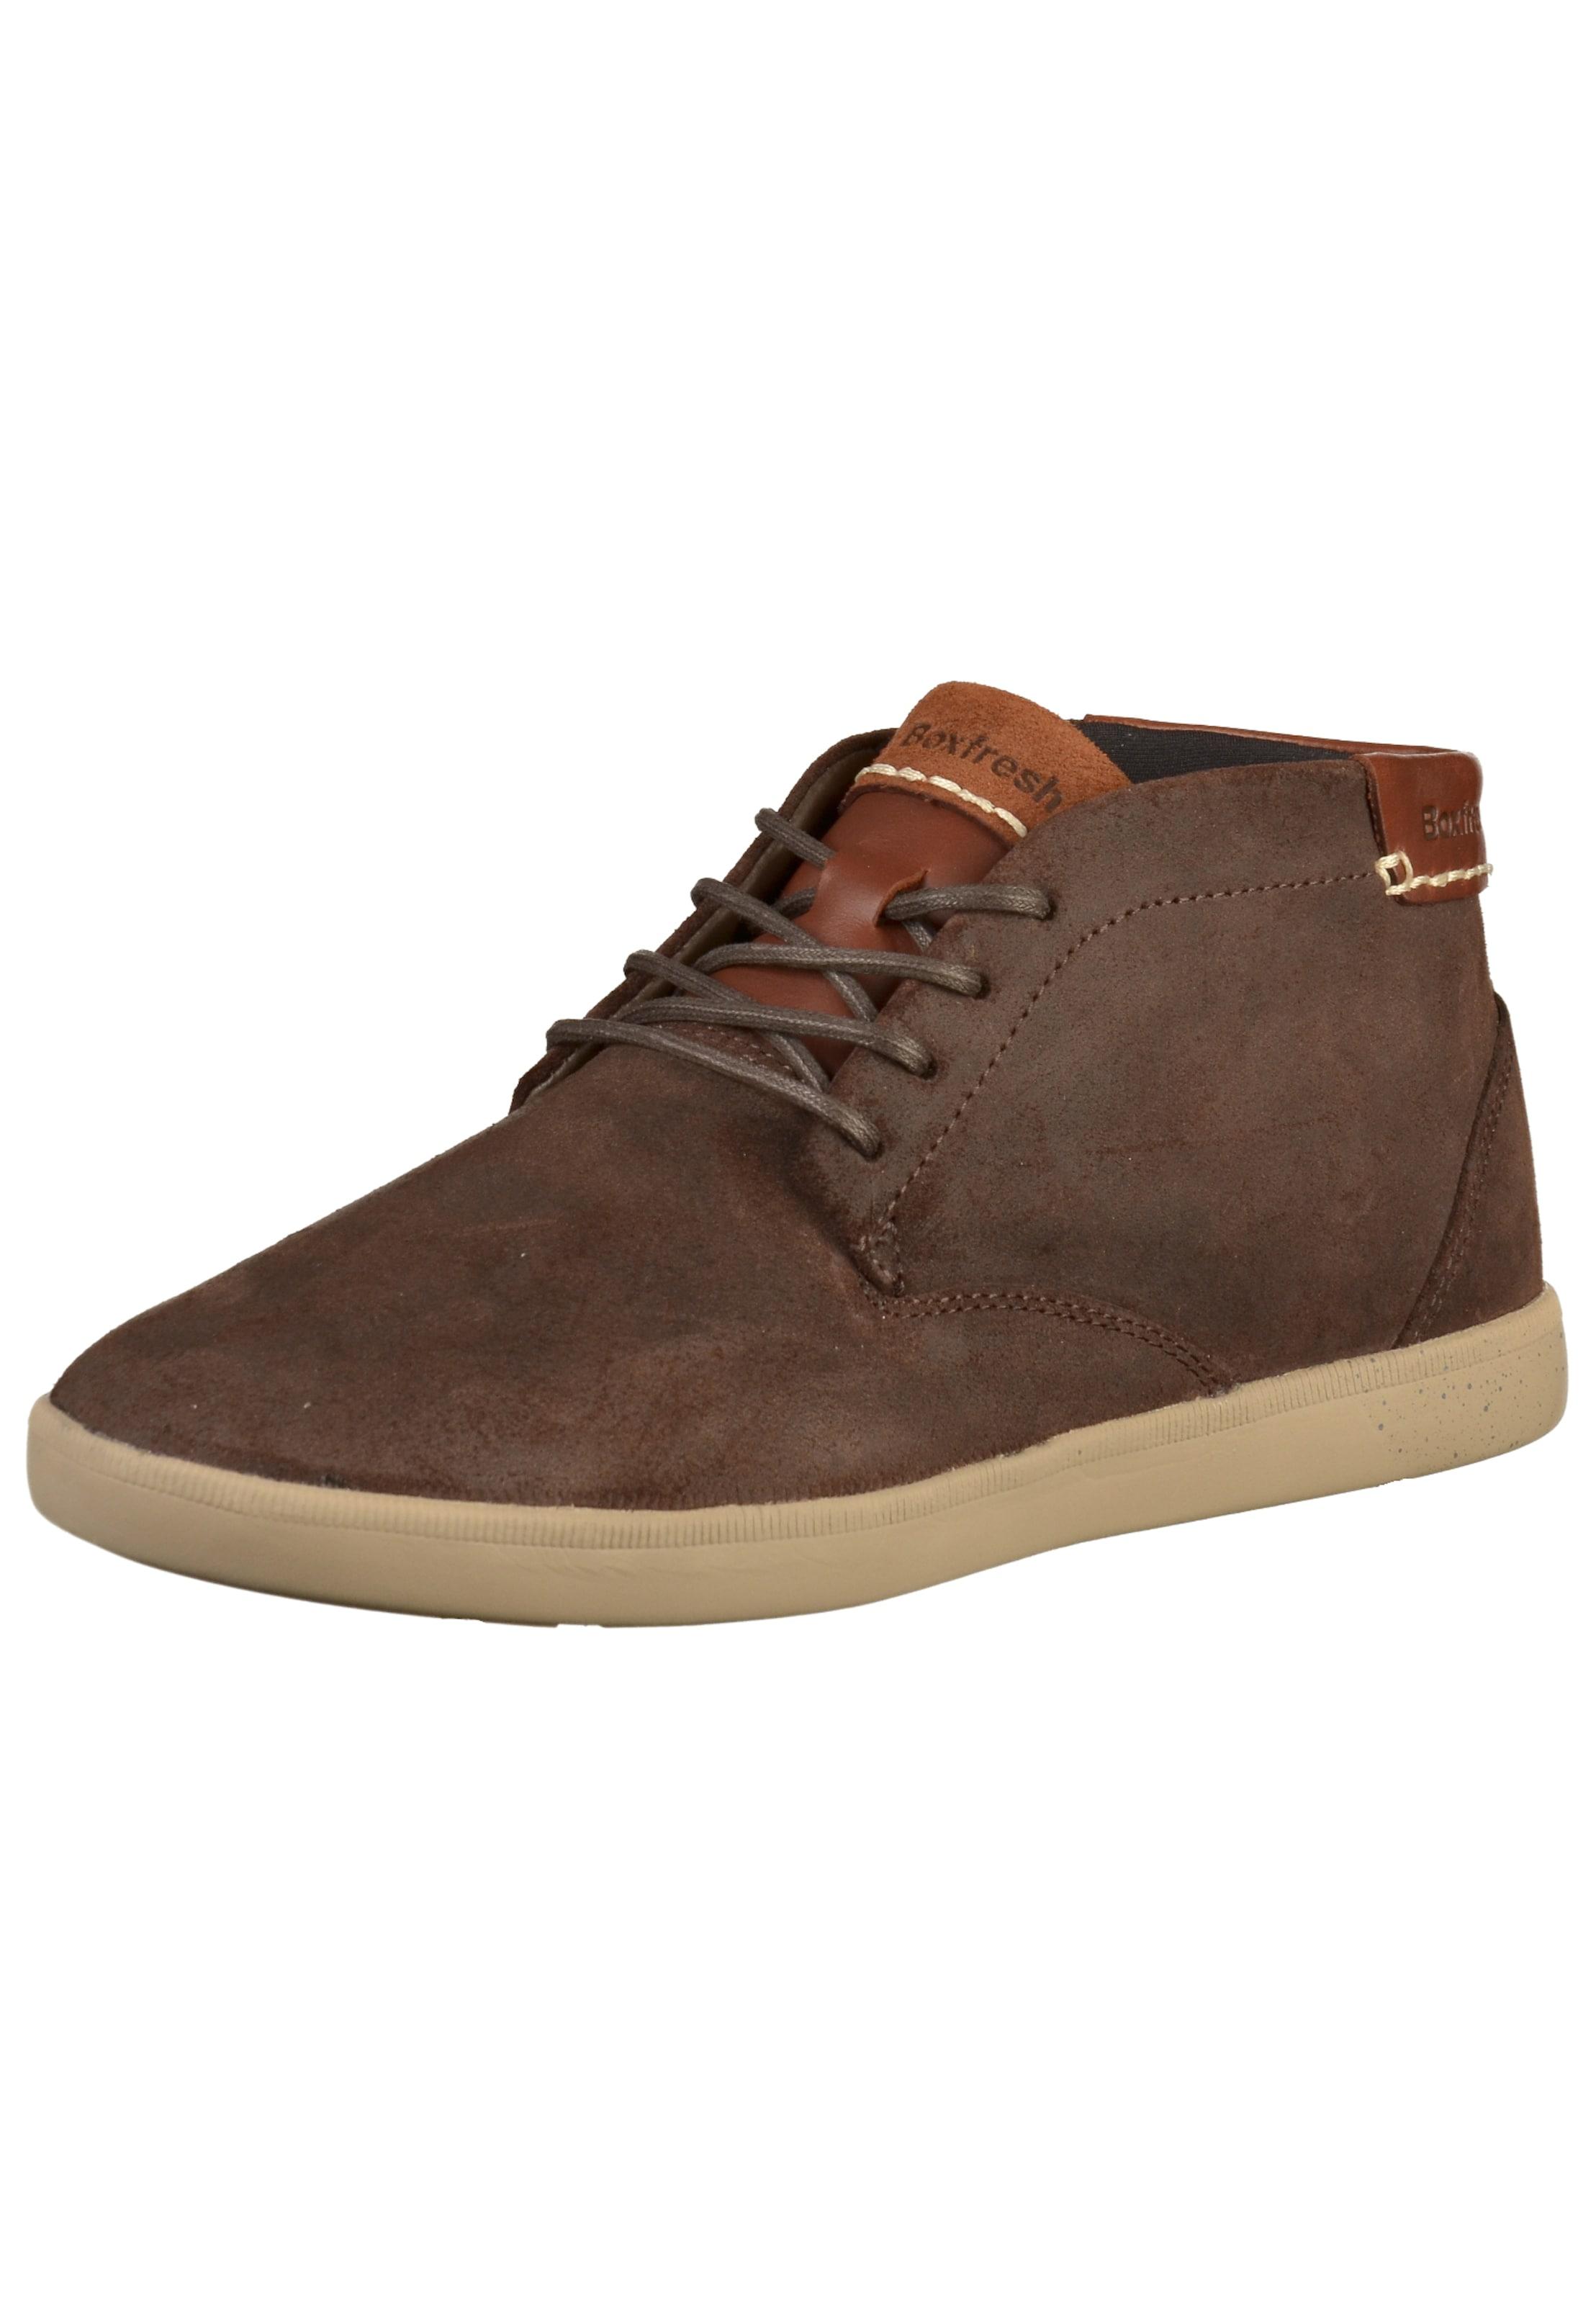 BOXFRESH Halbschuhe Verschleißfeste billige Schuhe Hohe Qualität